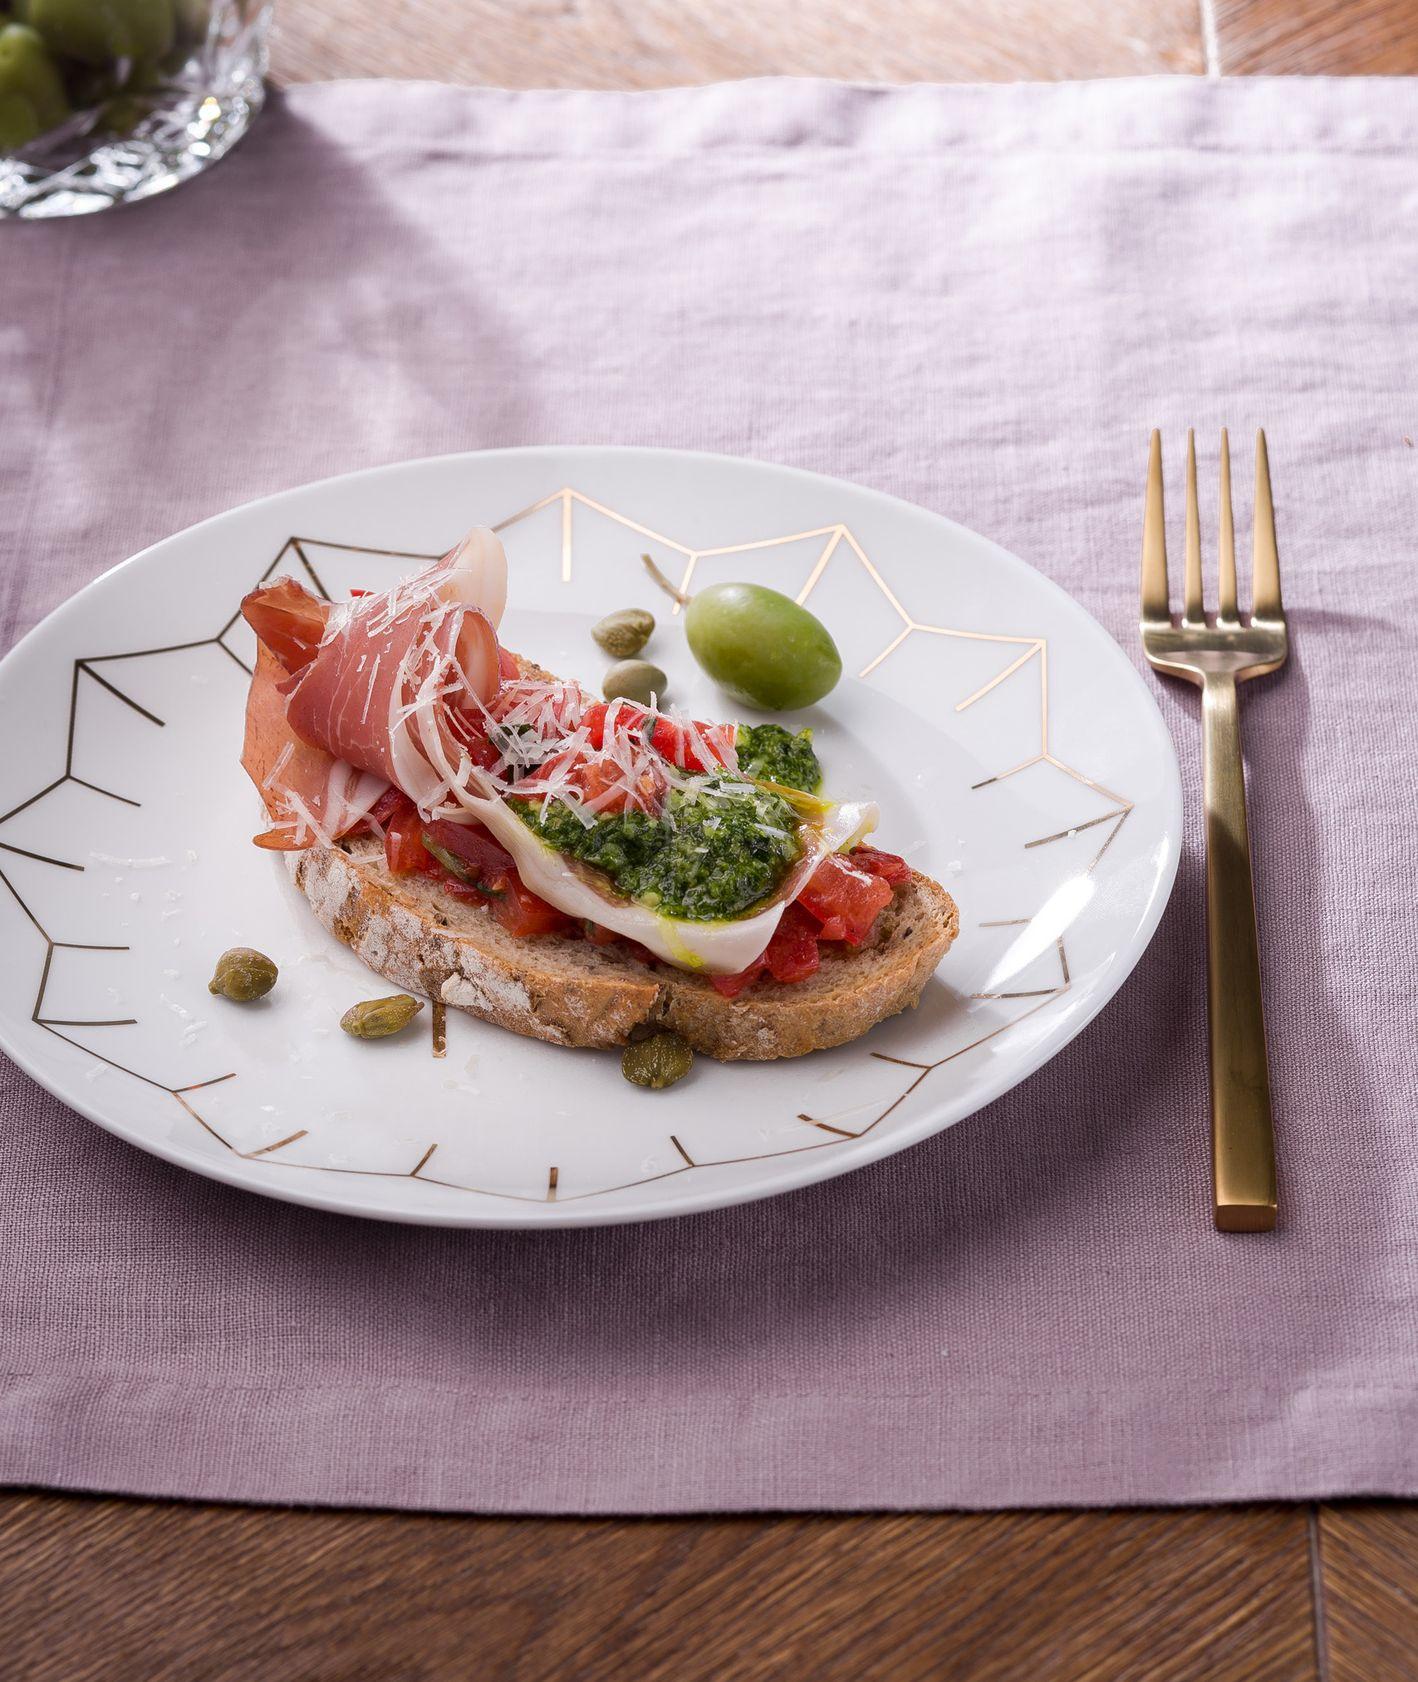 Bruschetta al pesto z pomidorkami concasse, pesto z rukoli i szynką parmeńską. Westwing (fot. dinnershow.studio)